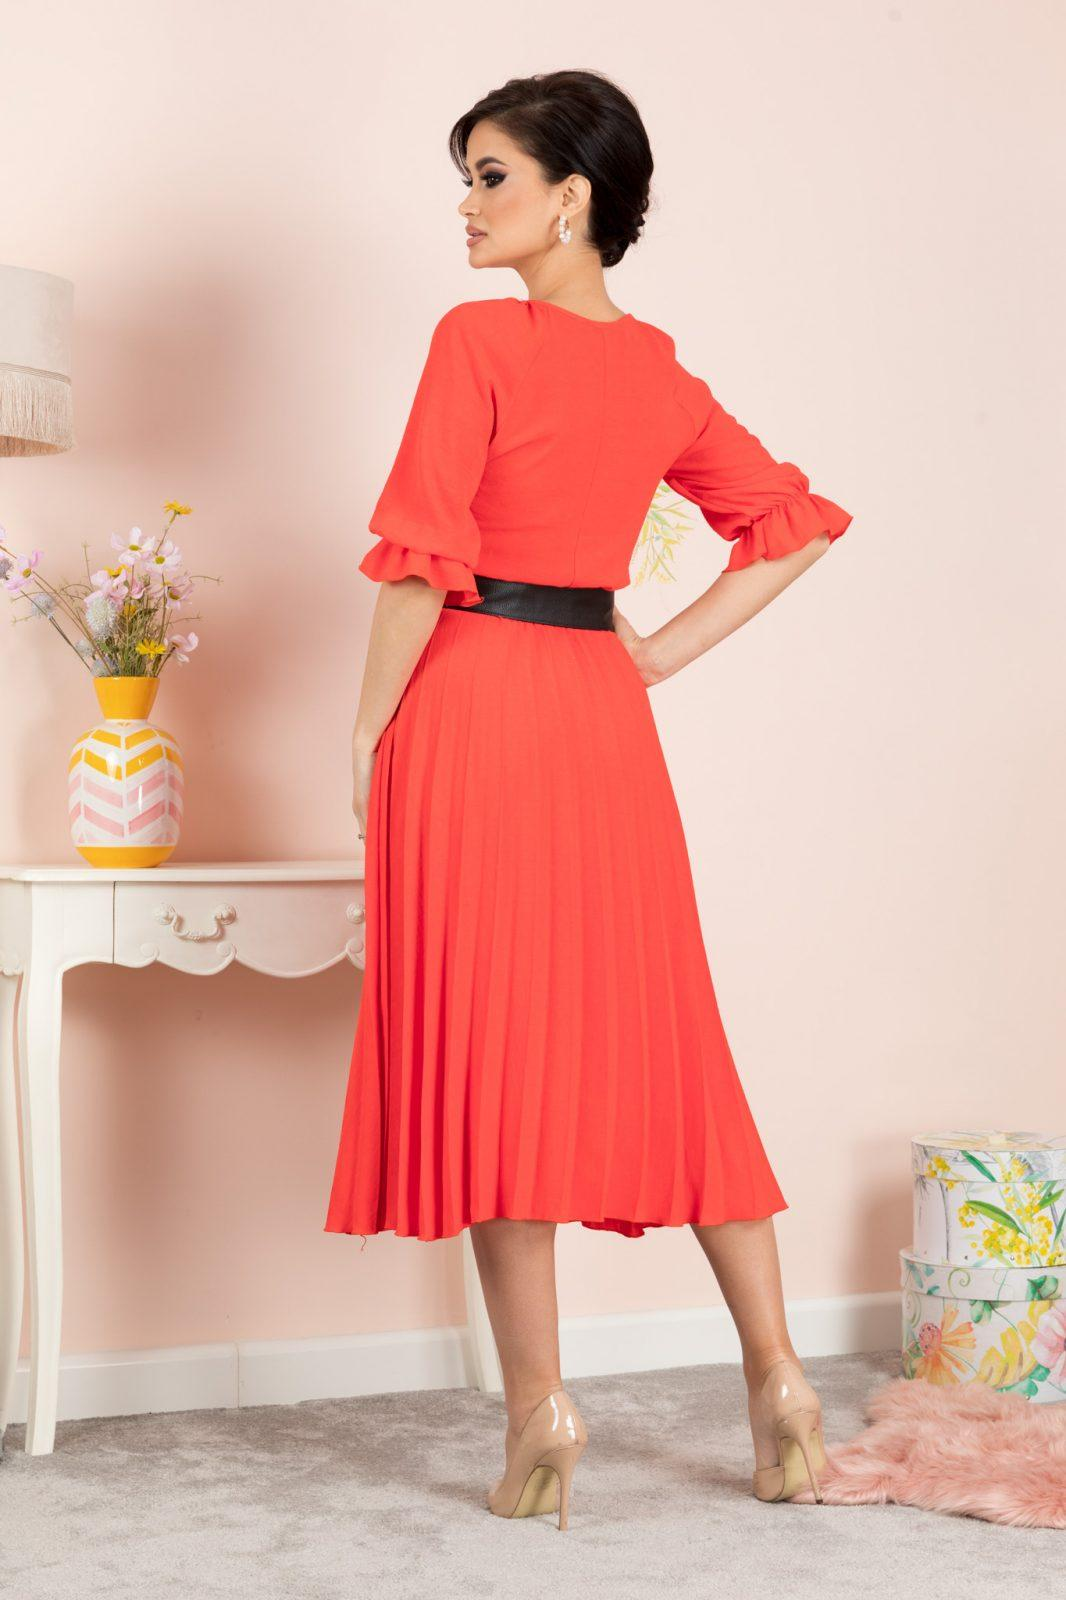 Κοραλί Φόρεμα Clarissa 7124